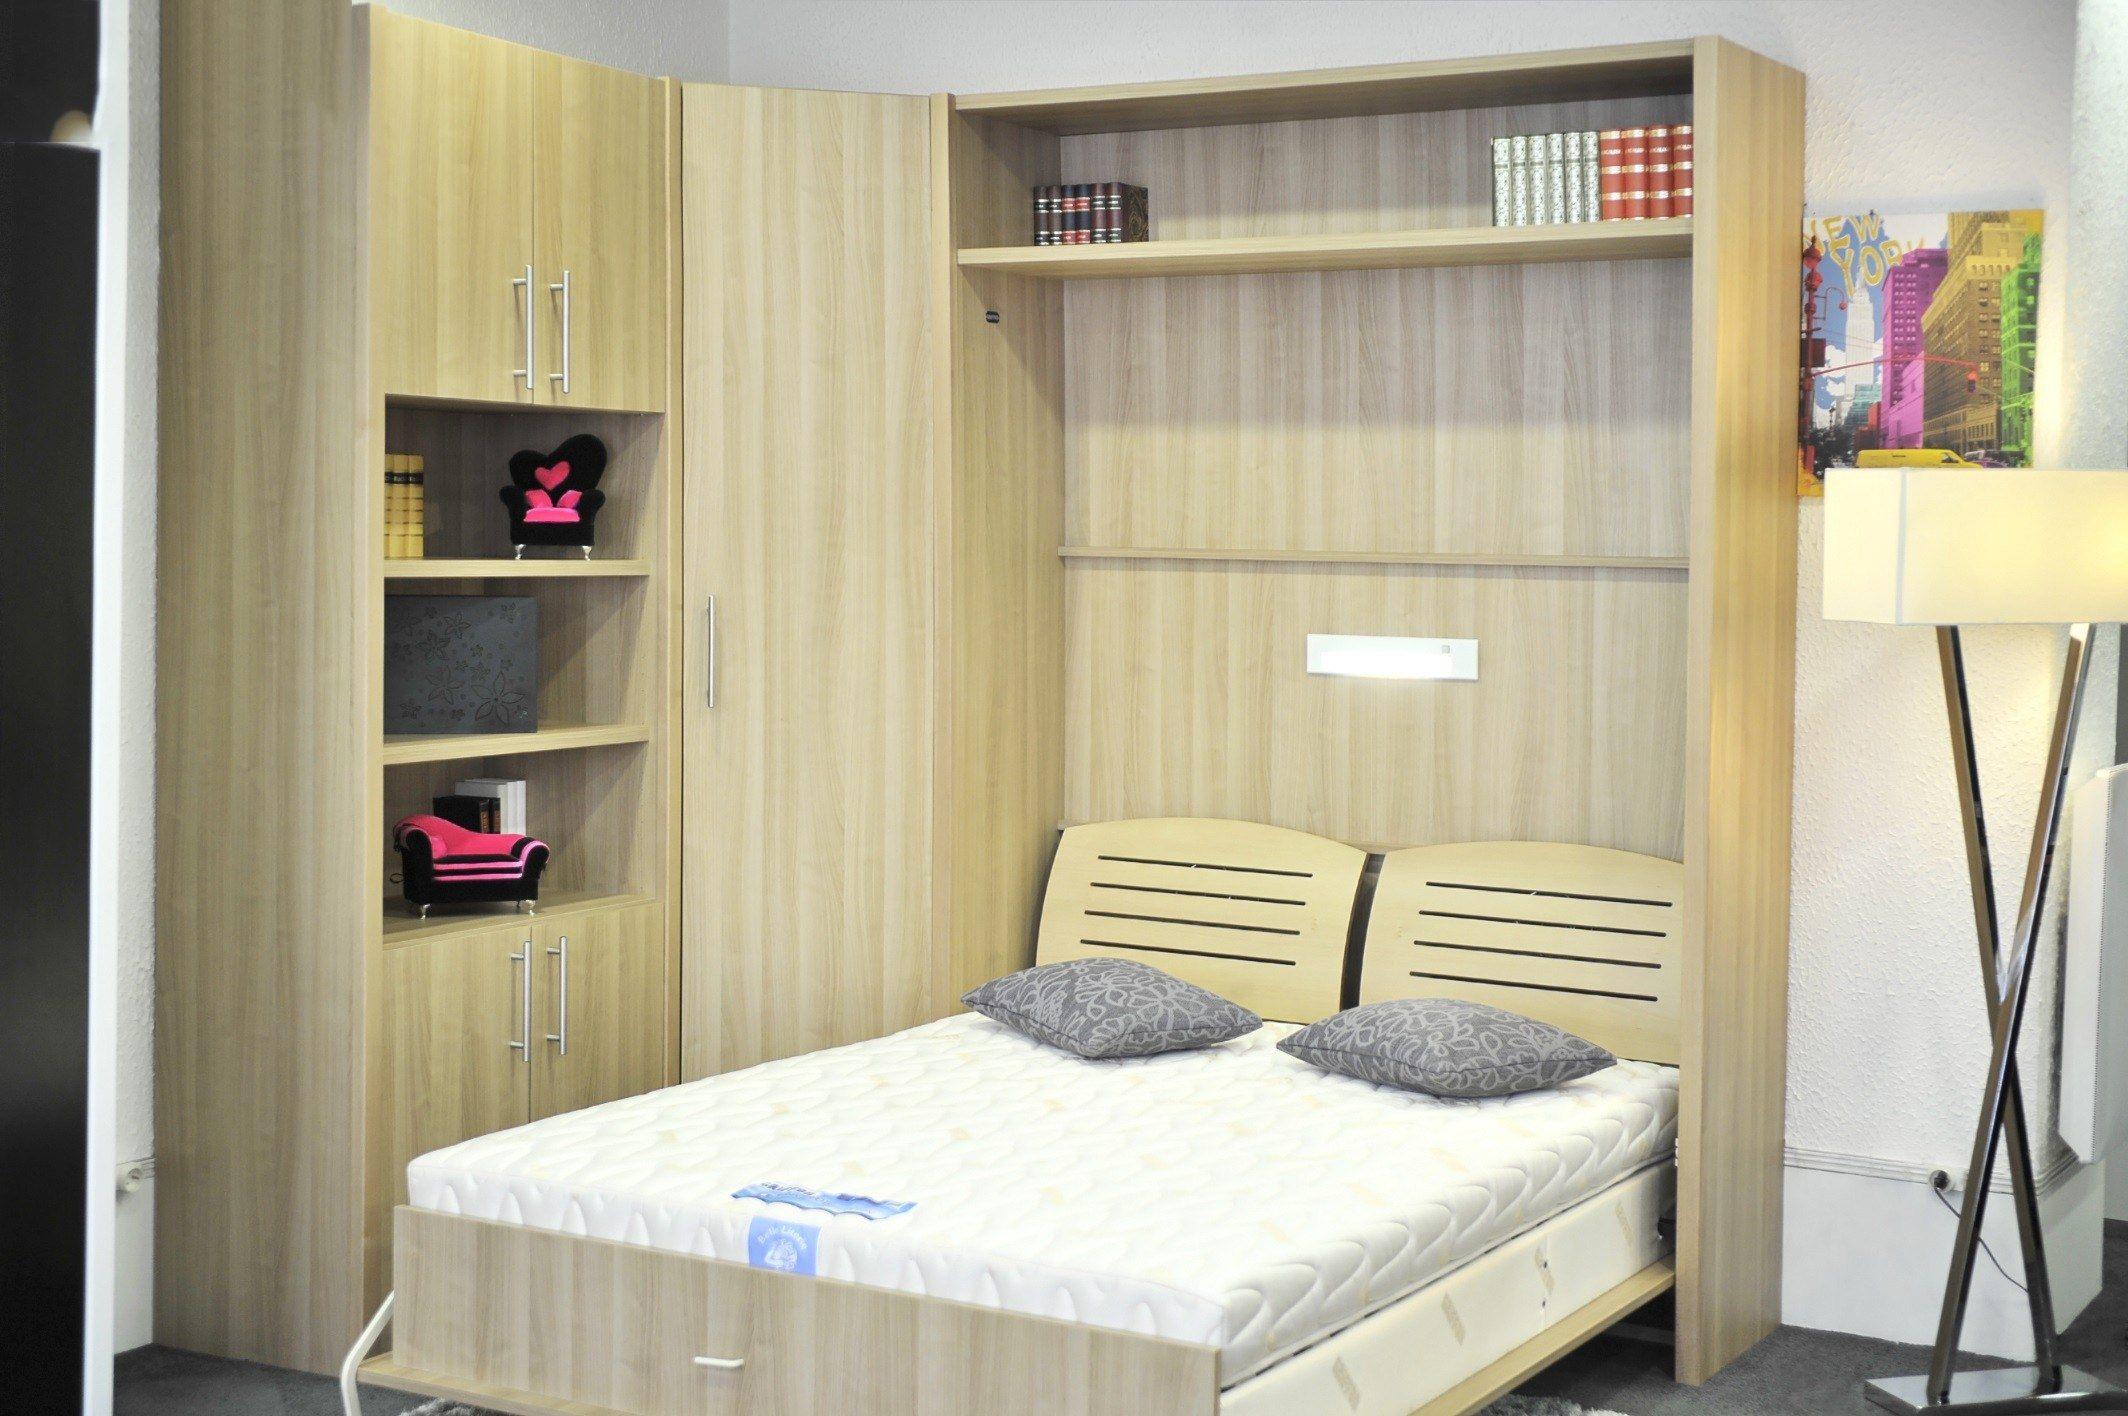 Lit Escamotable 2 Personnes Ikea Impressionnant Lit Rabattable 2 Personnes